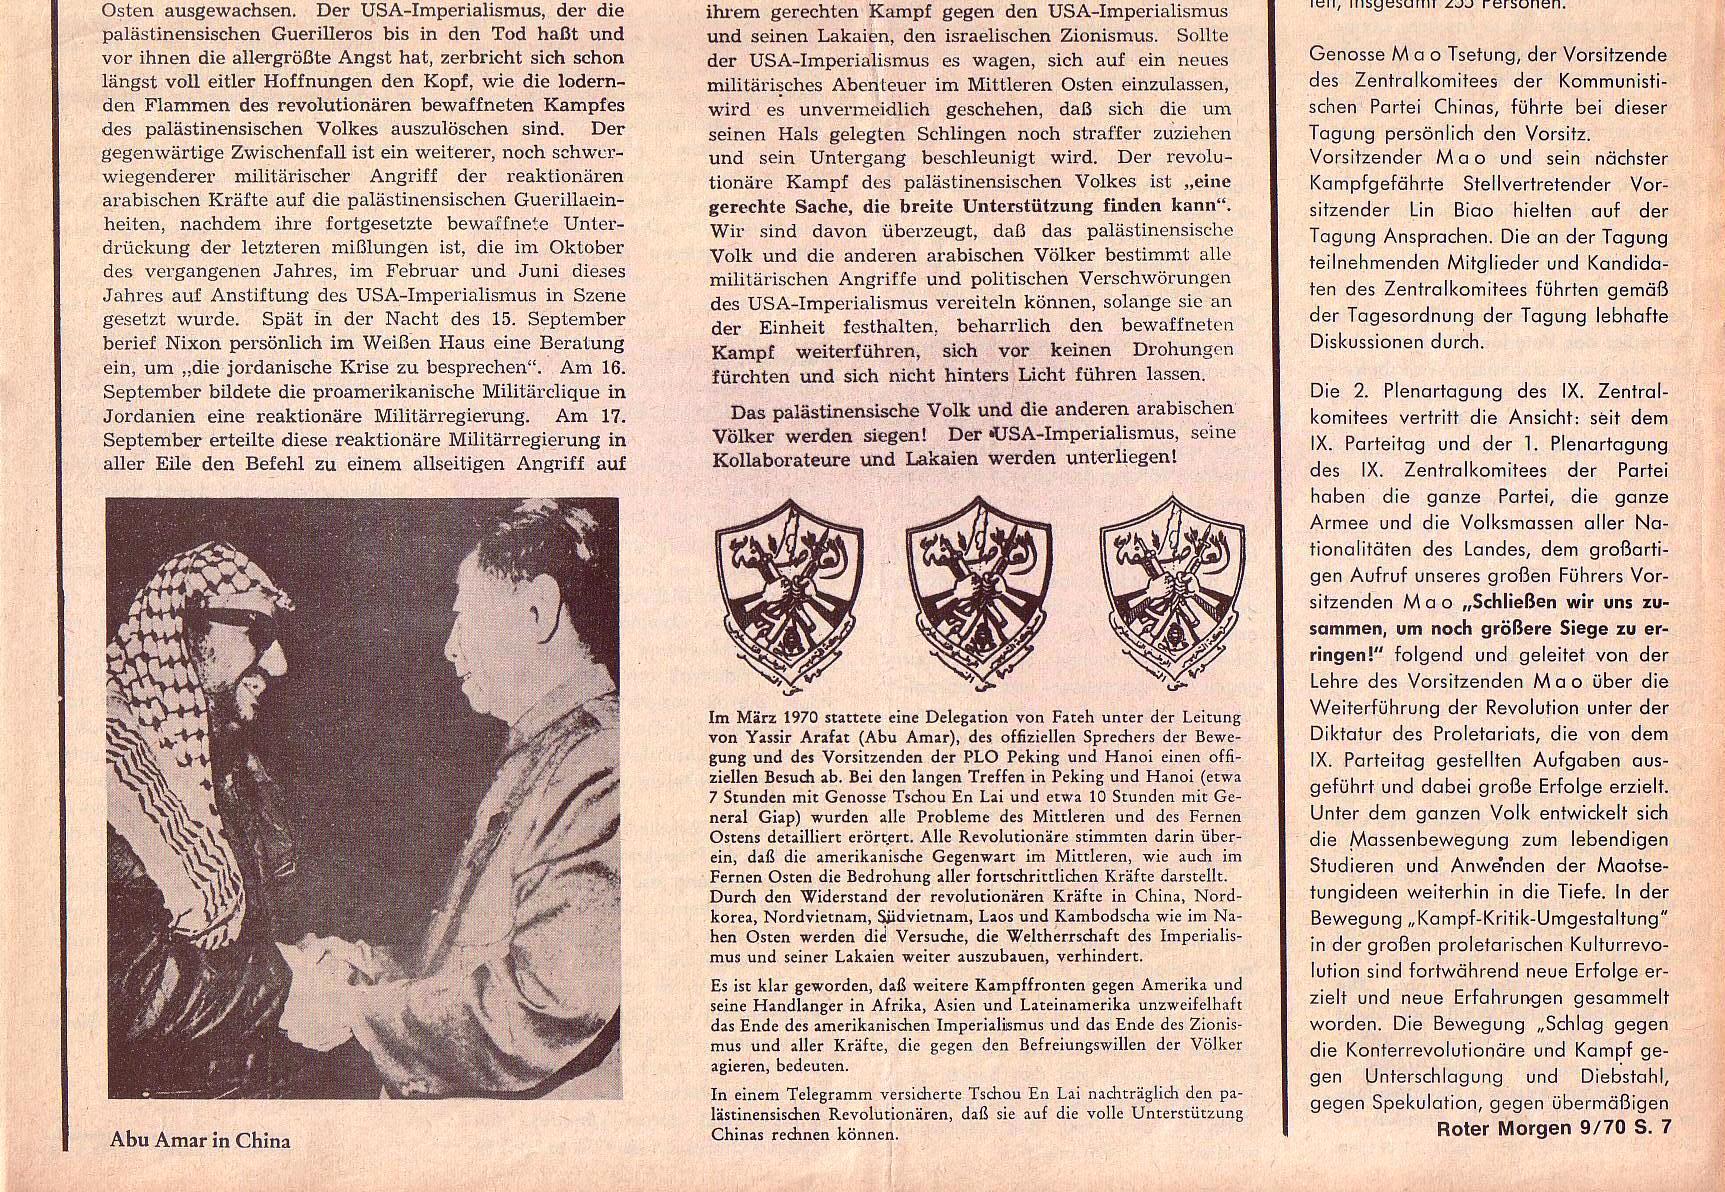 Roter Morgen, 4. Jg., Oktober 1970, Nr. 9, Seite 7b